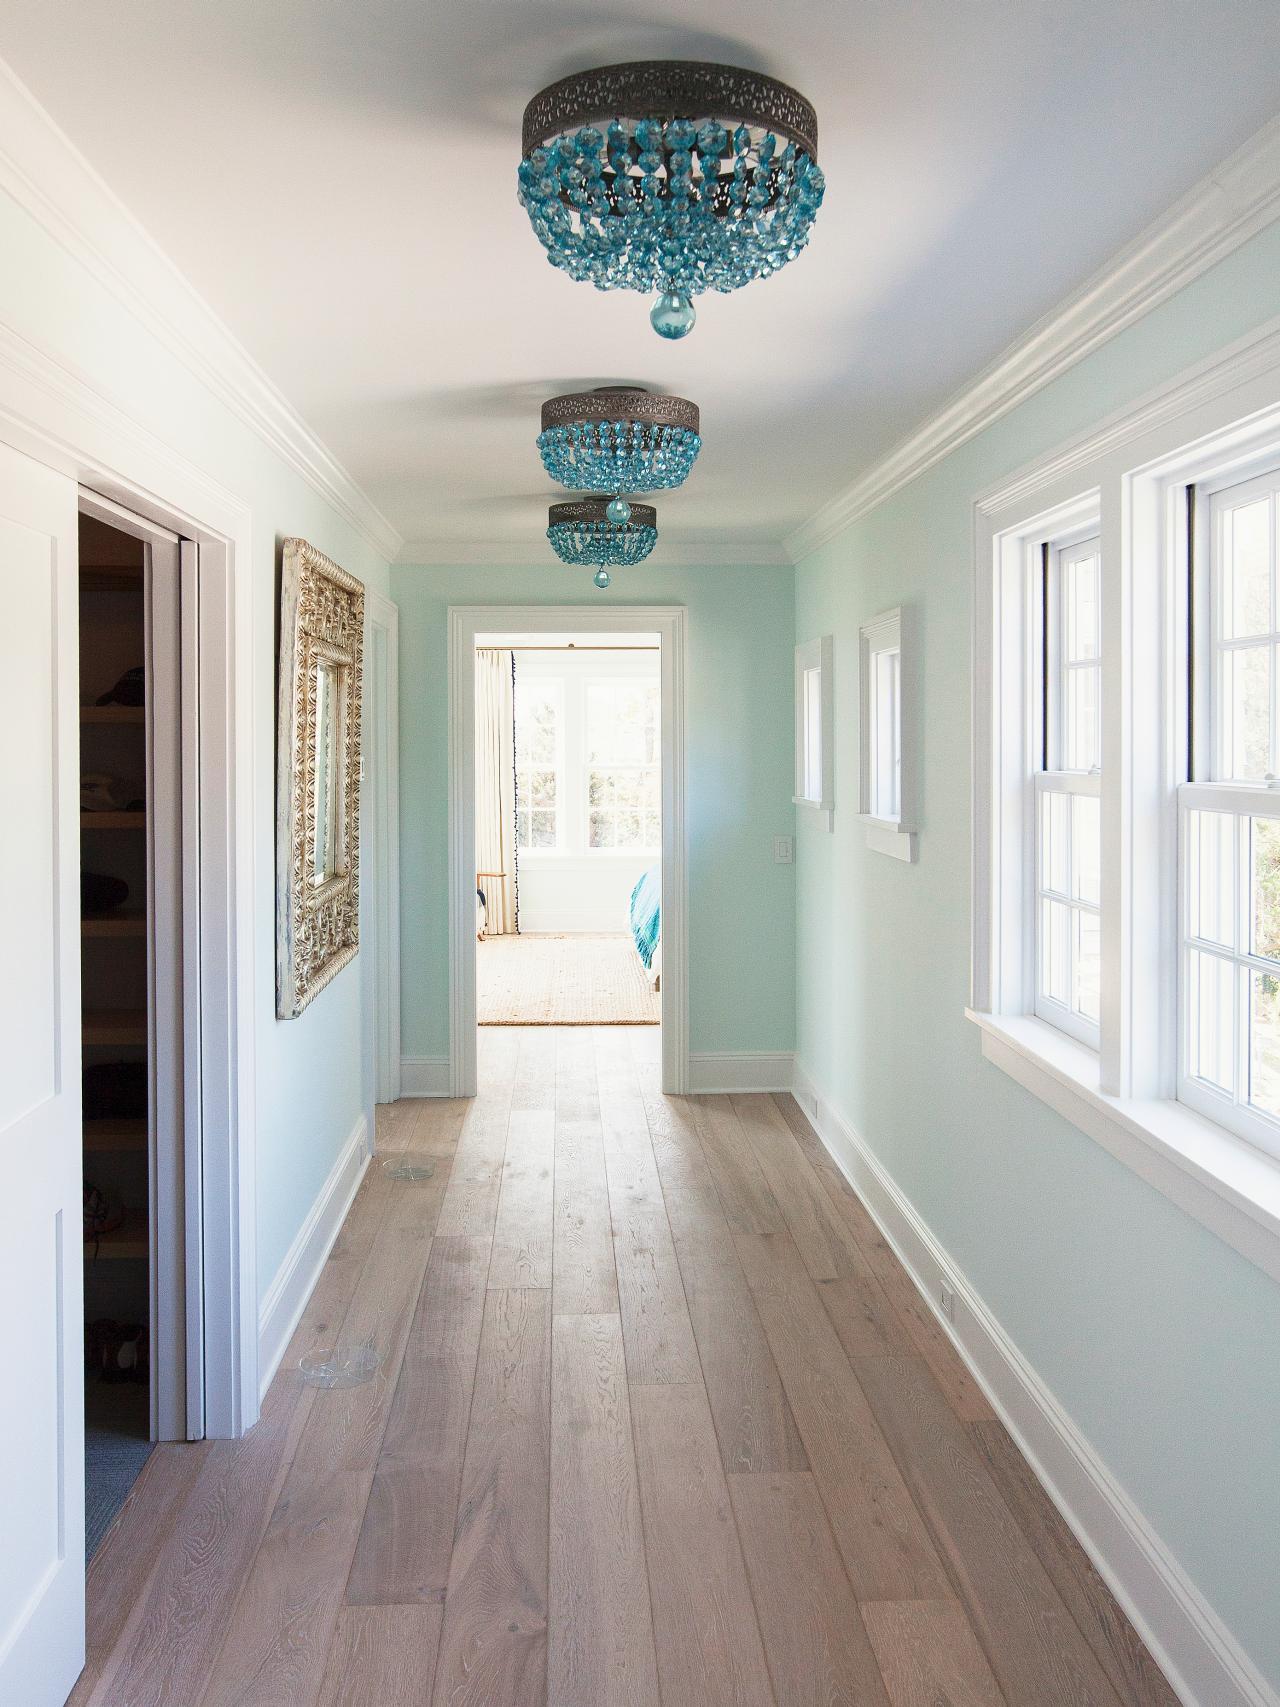 Blue Crystal Hallway Lights